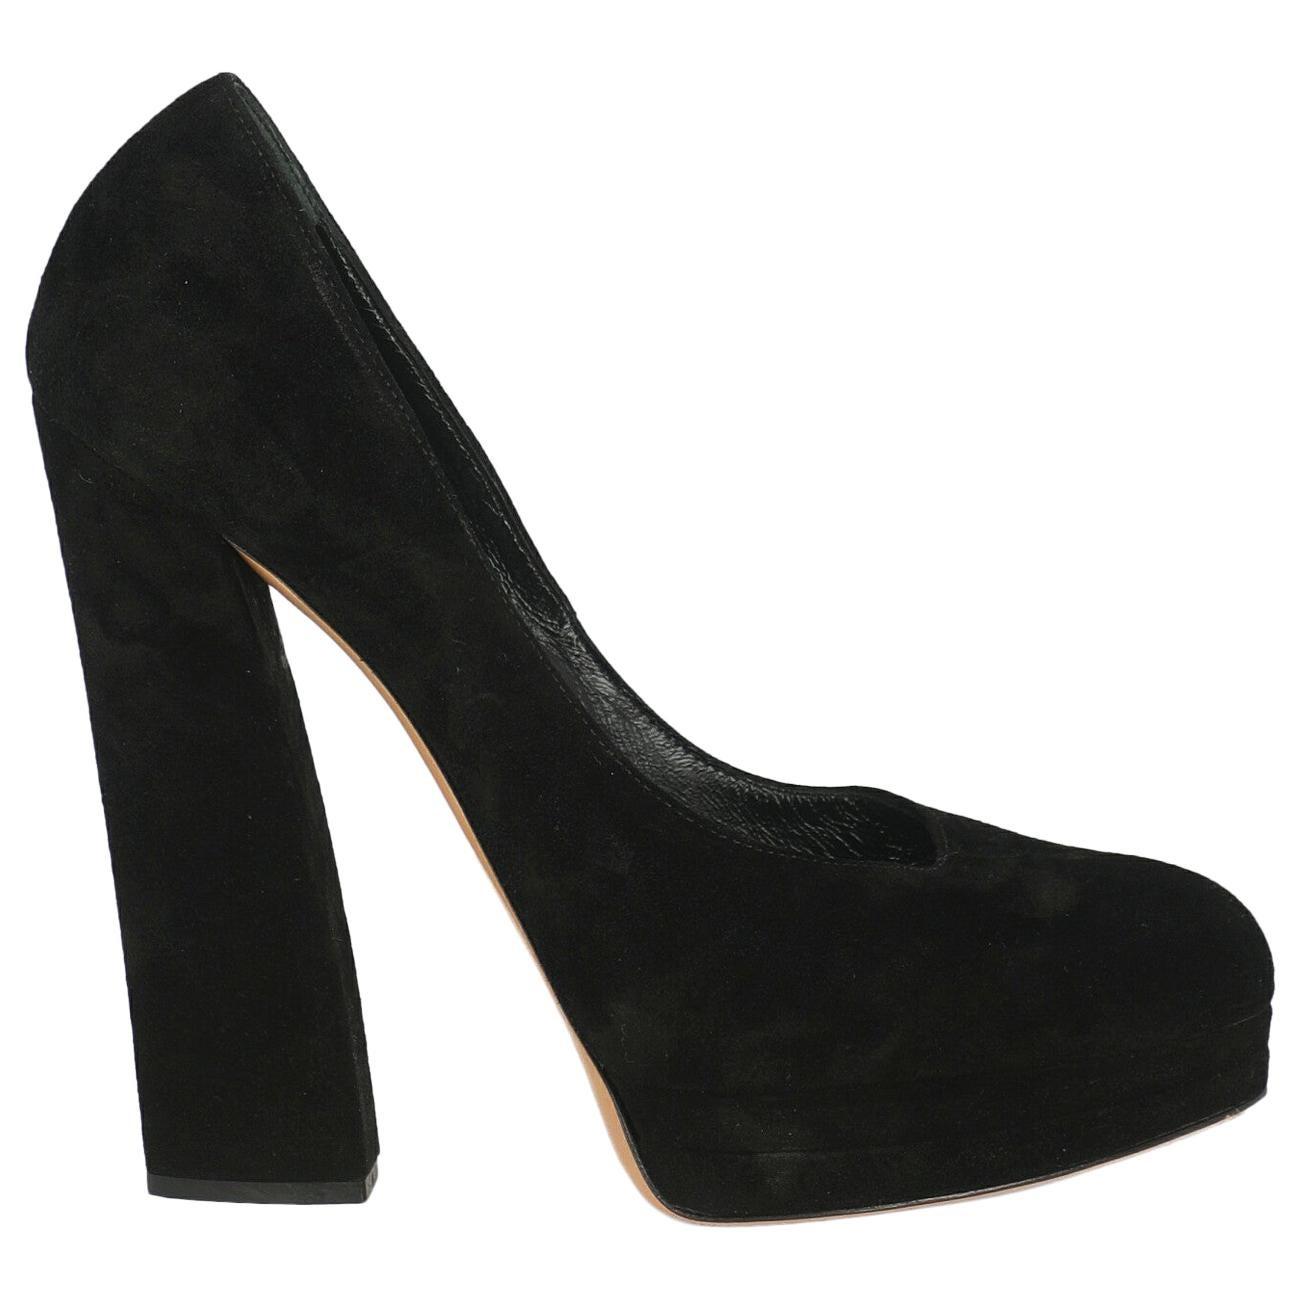 Casadei Woman Pumps Black Leather IT 38.5